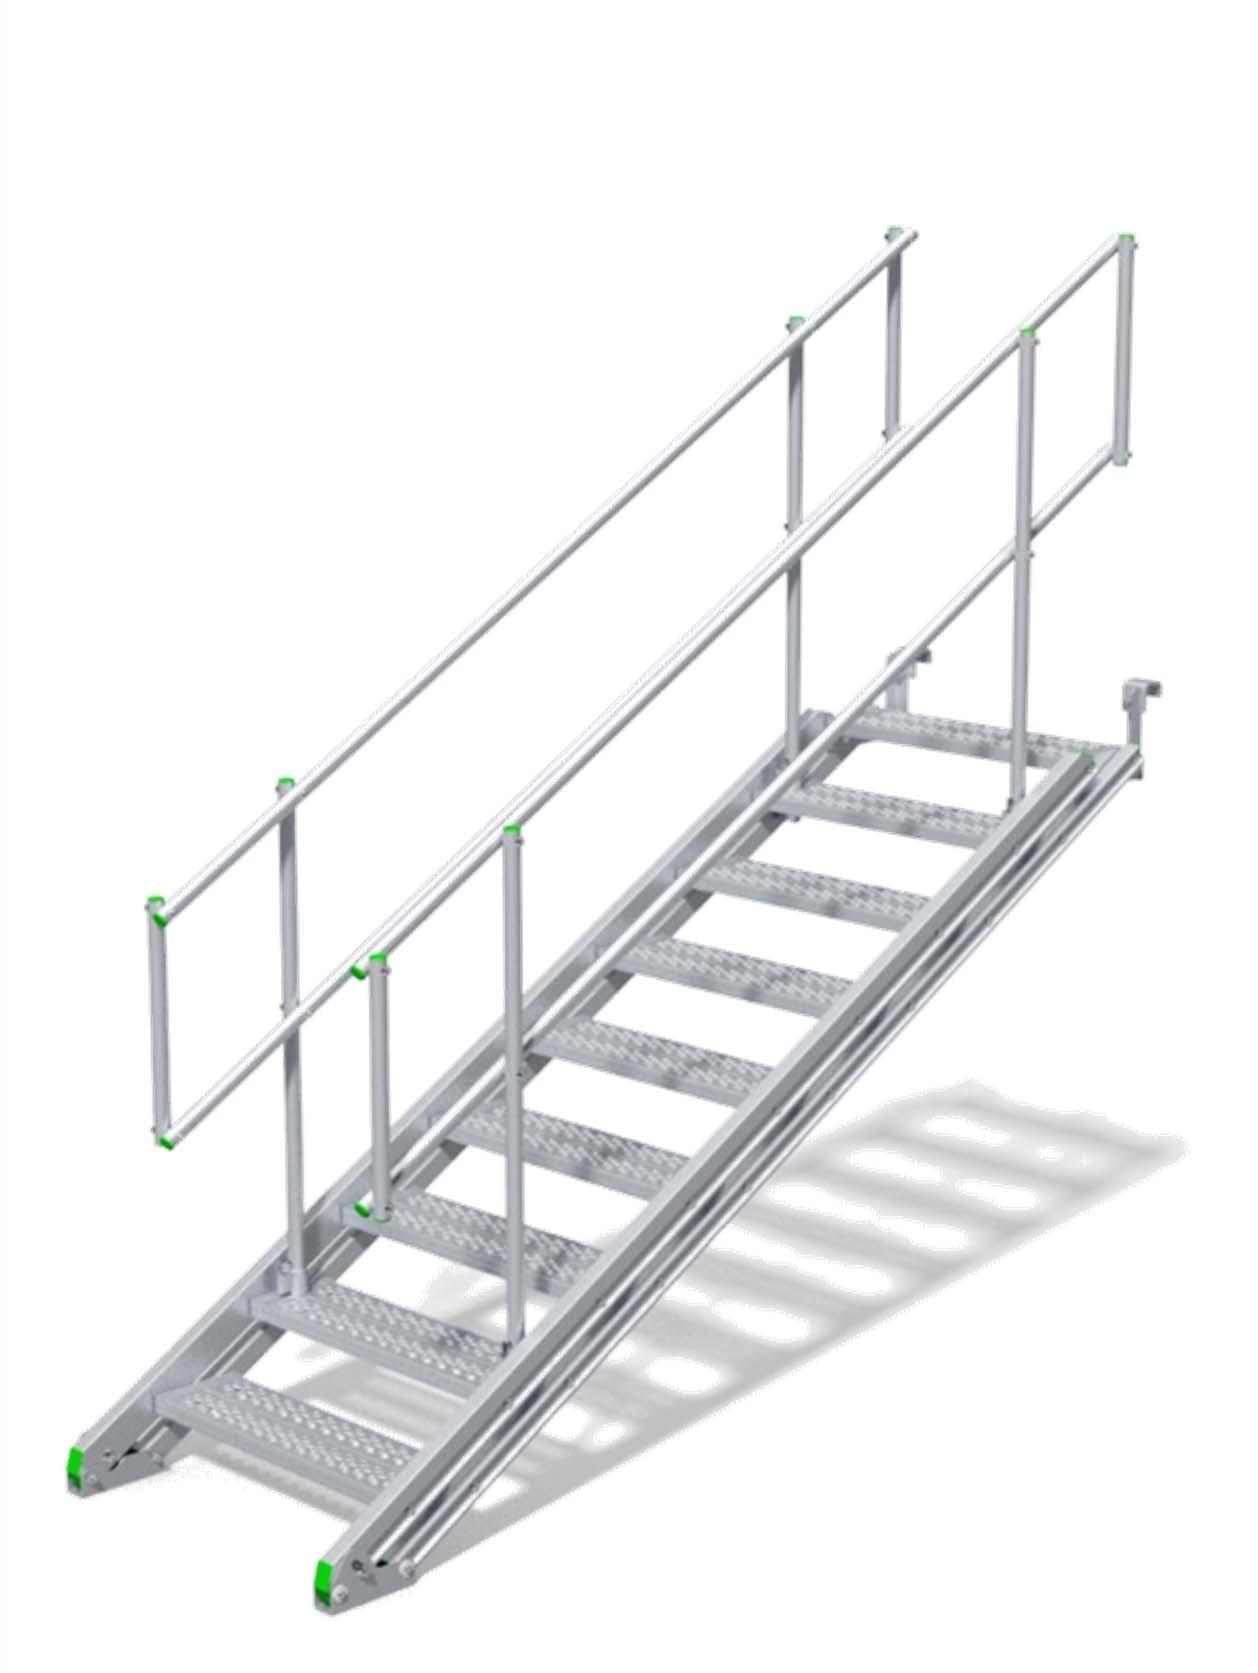 Escalier réglable Ranger de min 557mm à max 4146mm